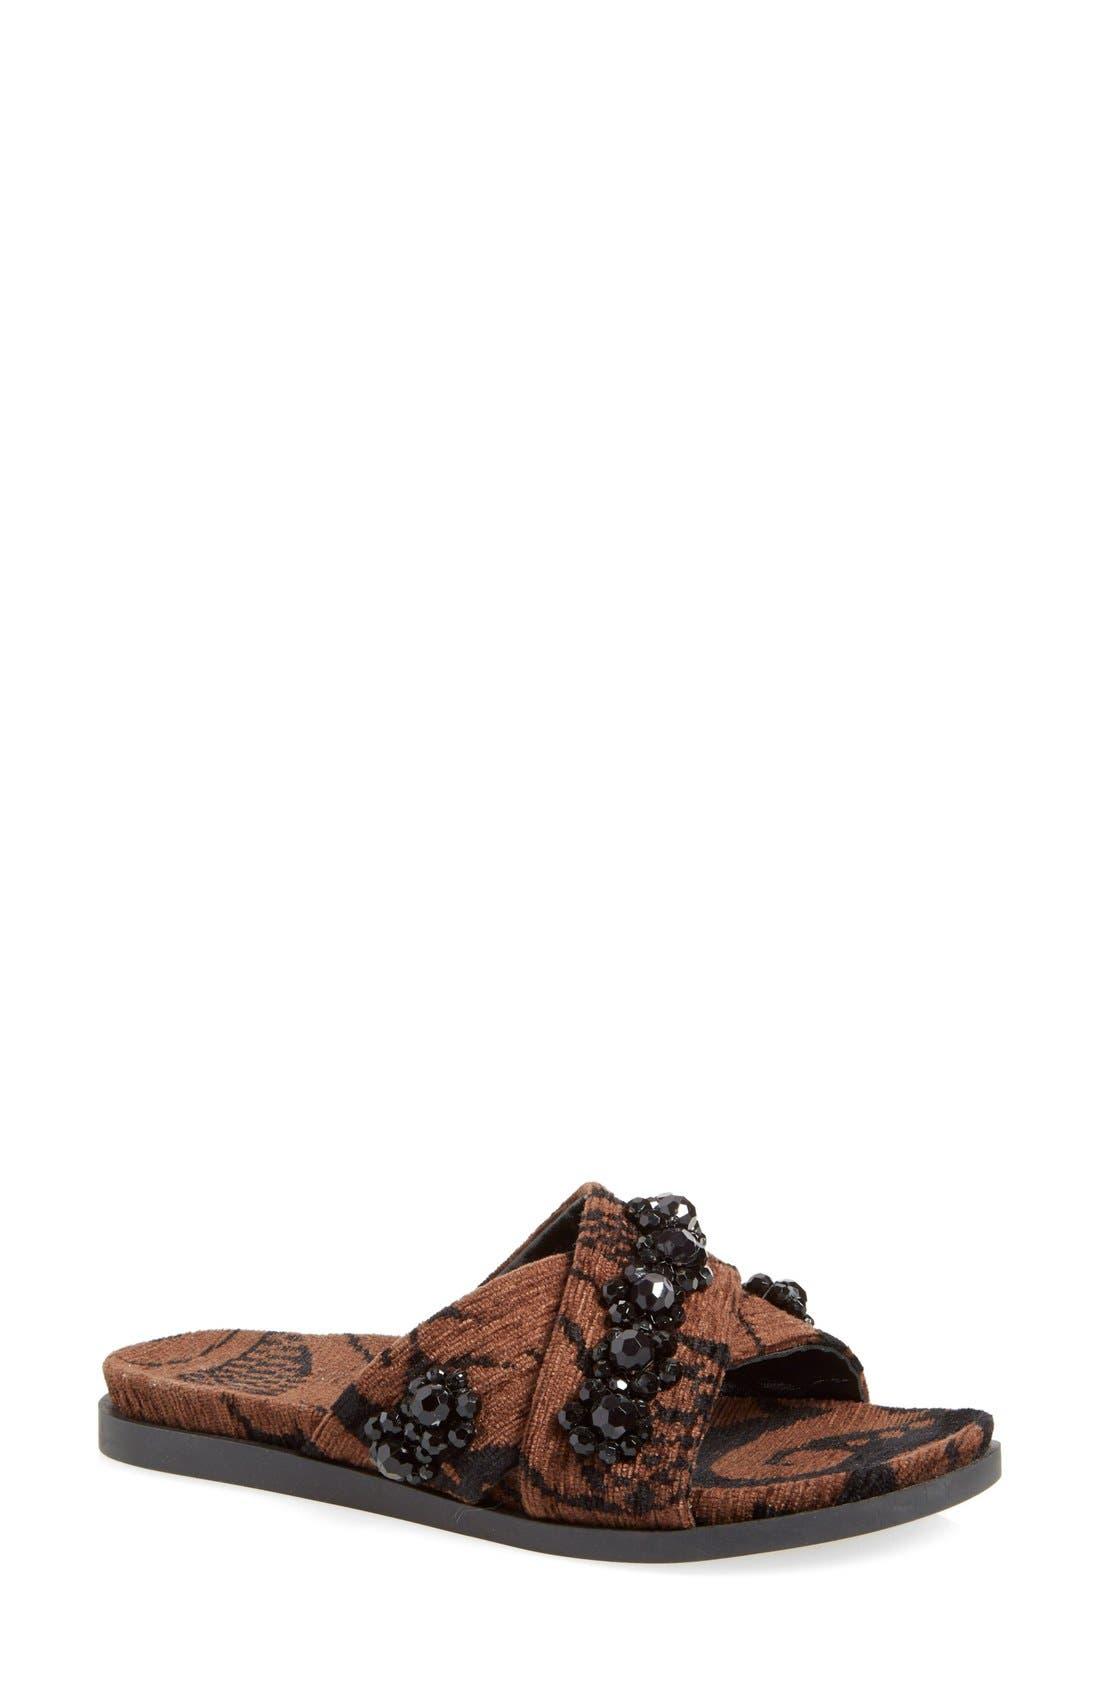 Alternate Image 1 Selected - Simone Rocha Jeweled Slip-On Sandal (Women)